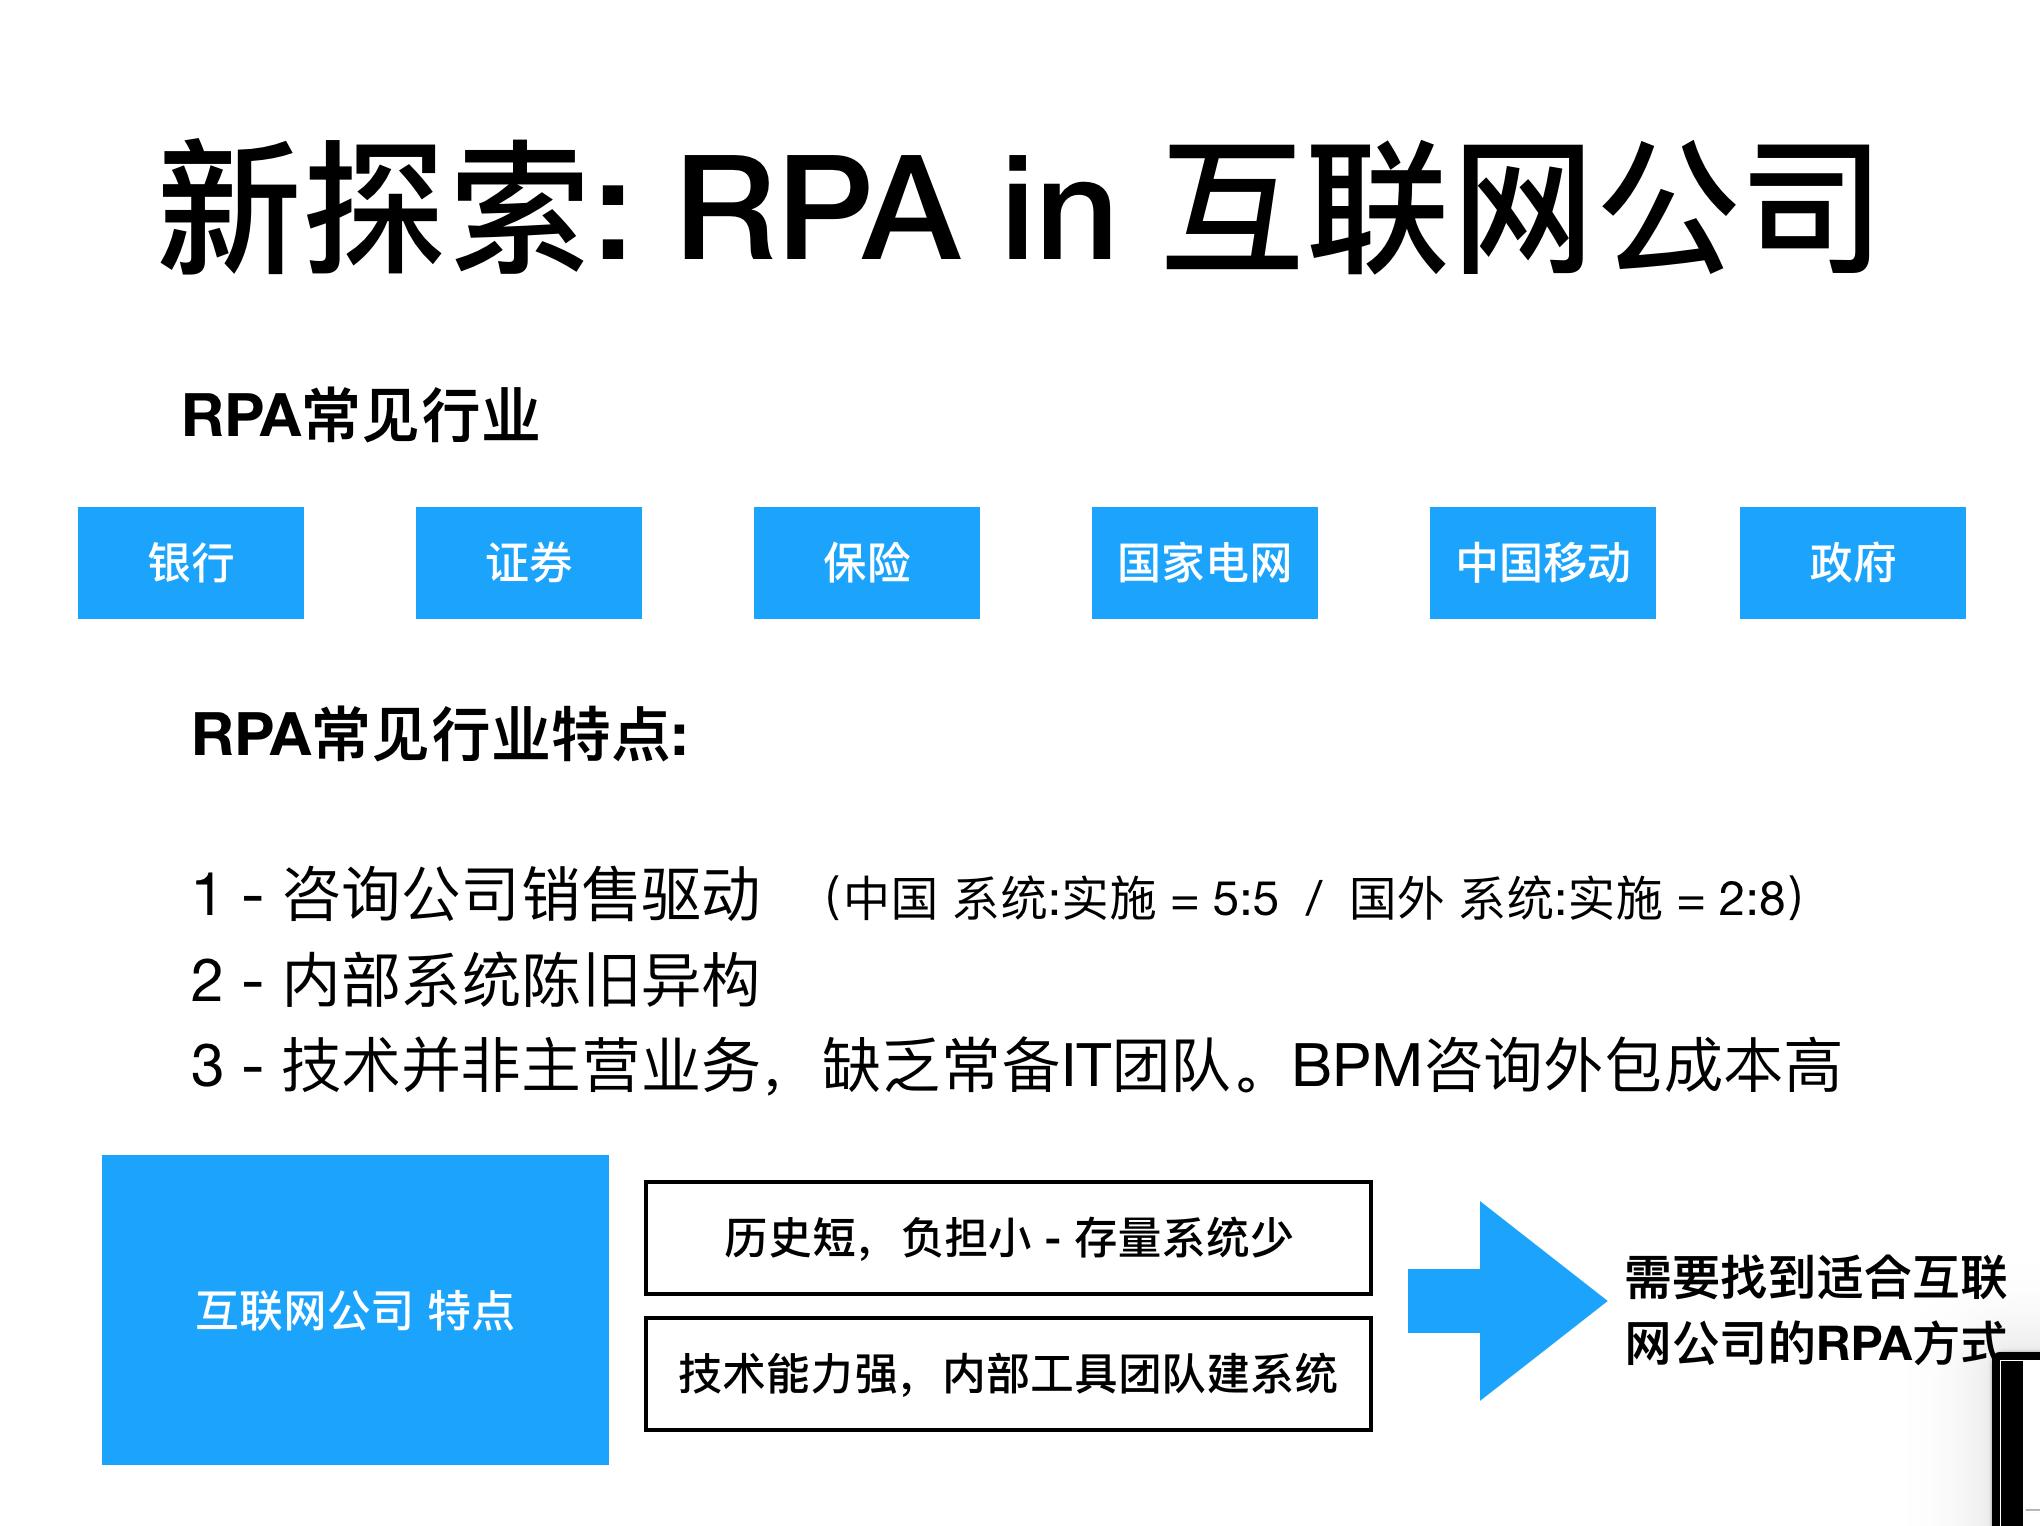 RPA(虚拟员工)在互联网公司的应用插图(10)